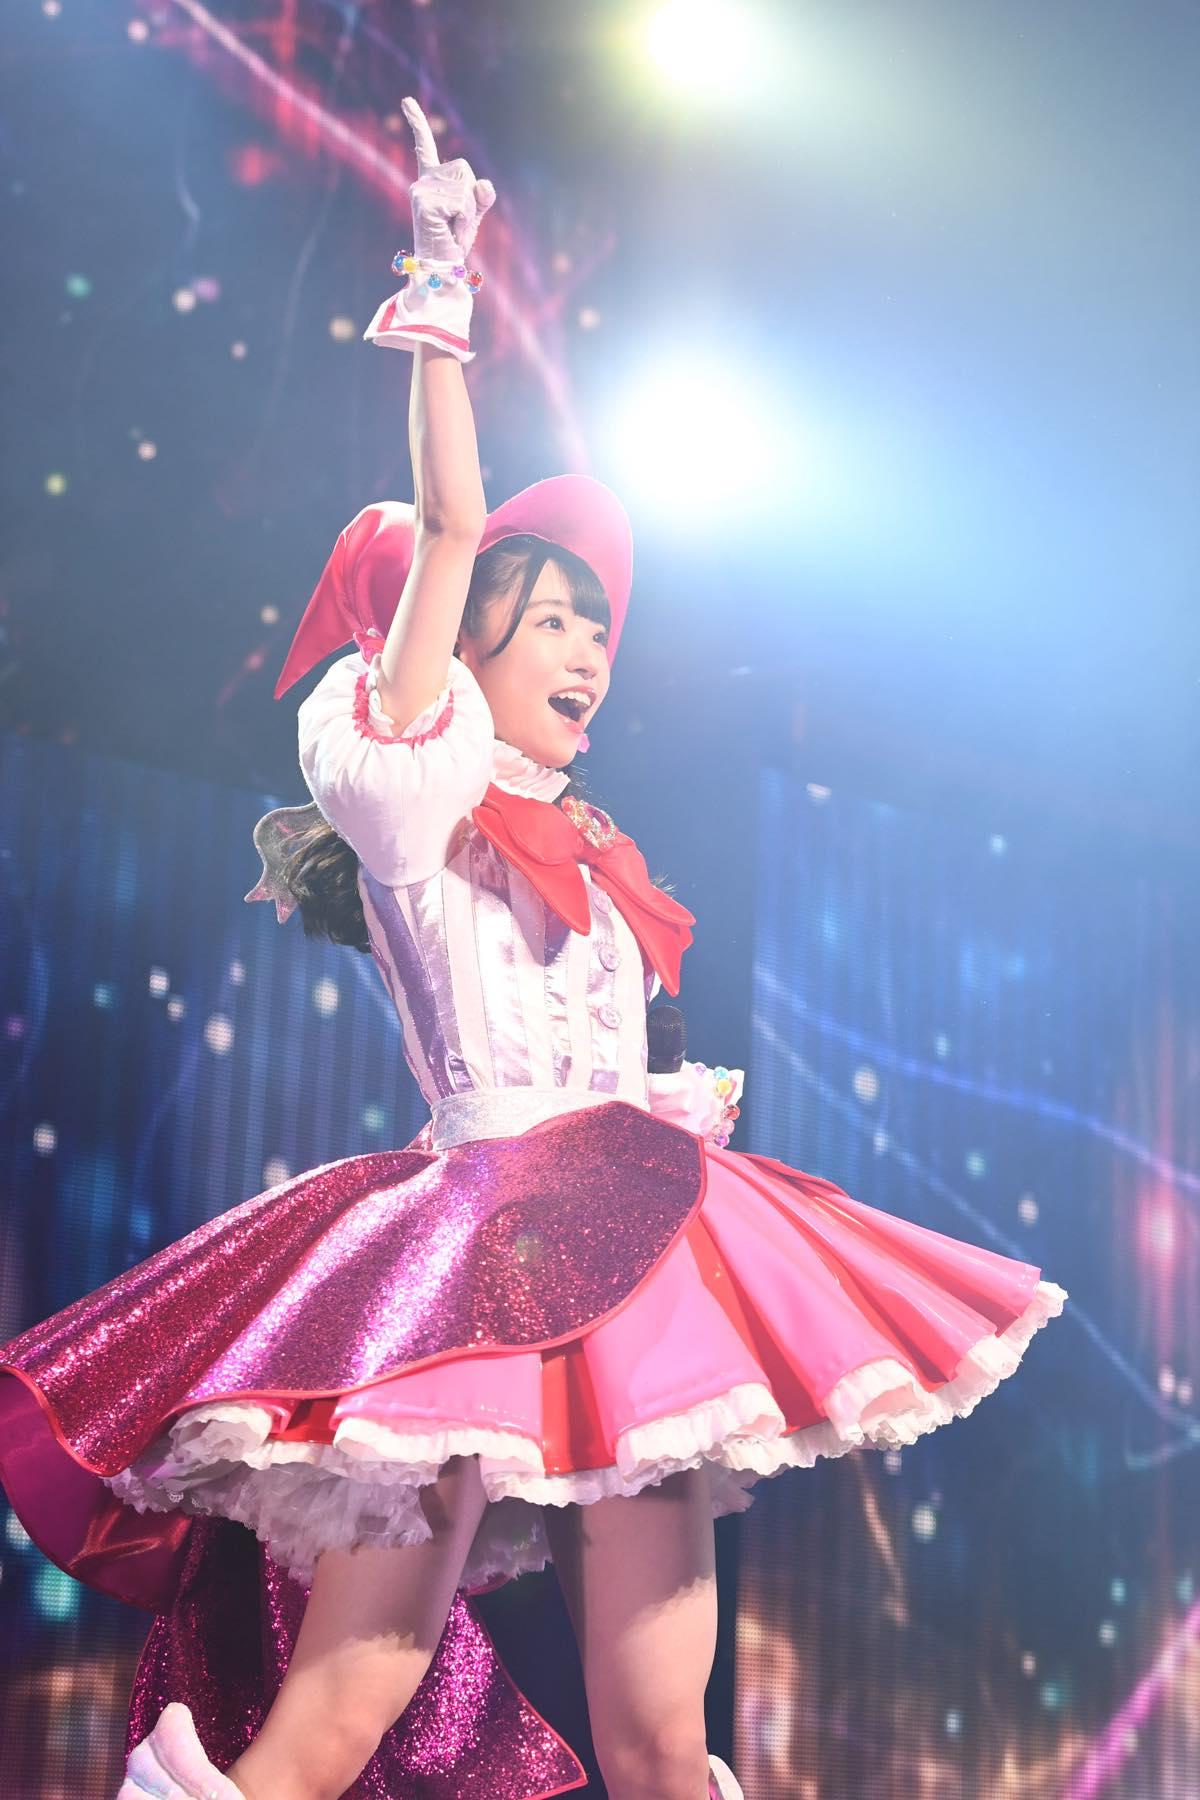 AKB48山内瑞葵ソロコンサートの画像7